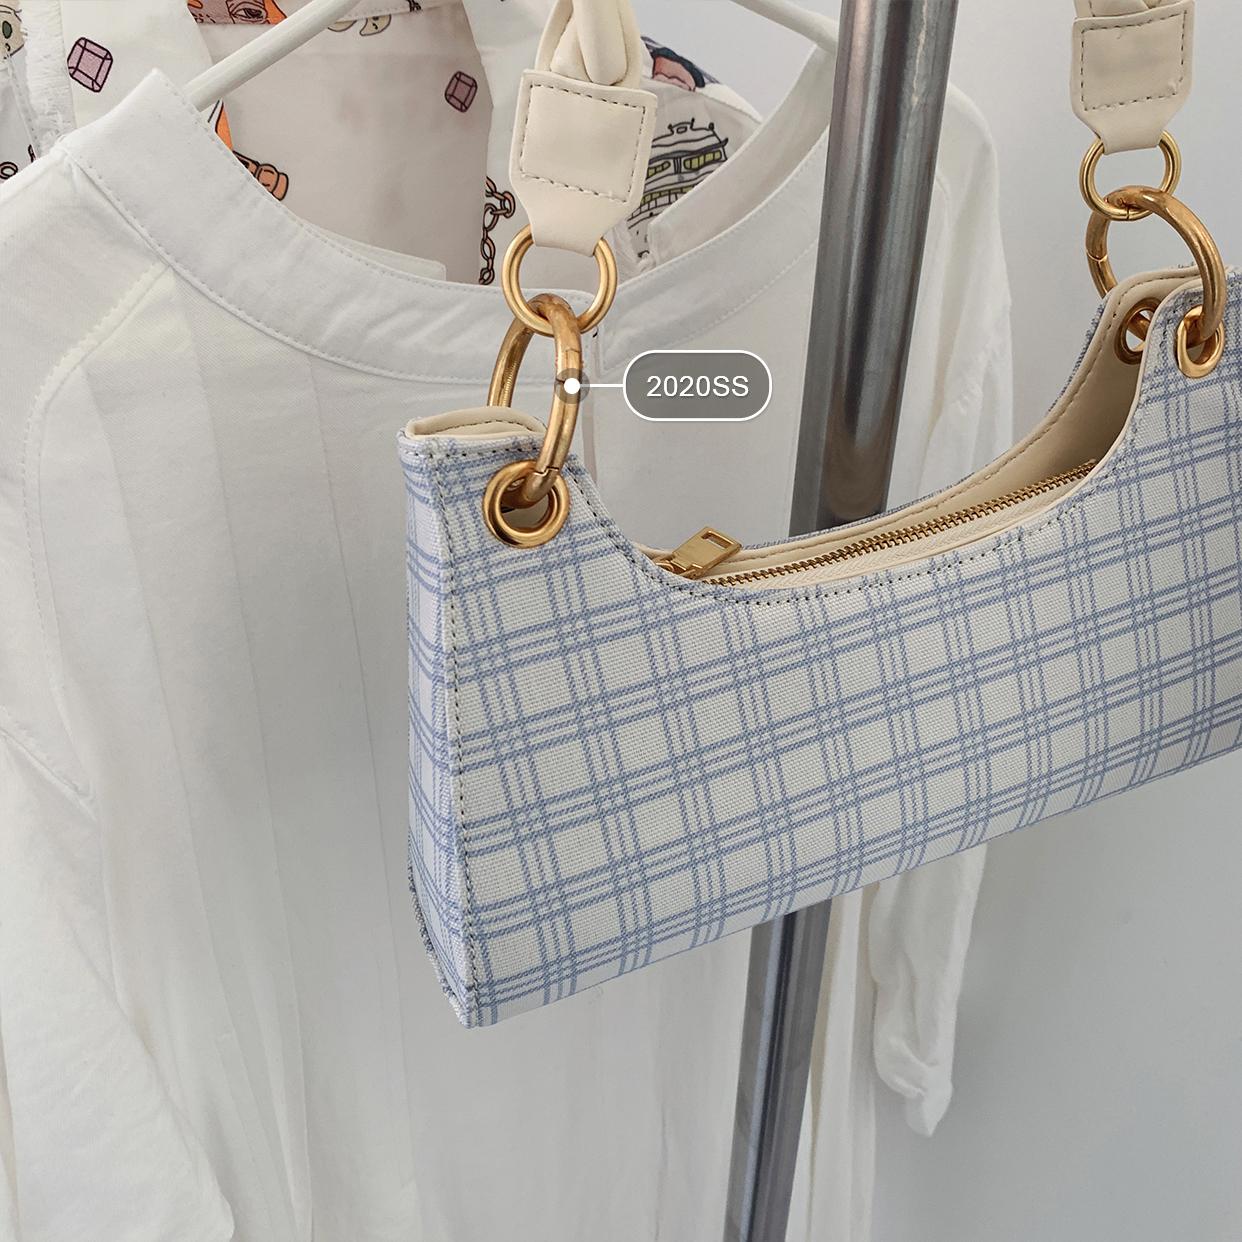 French lattice shoulder bag 2